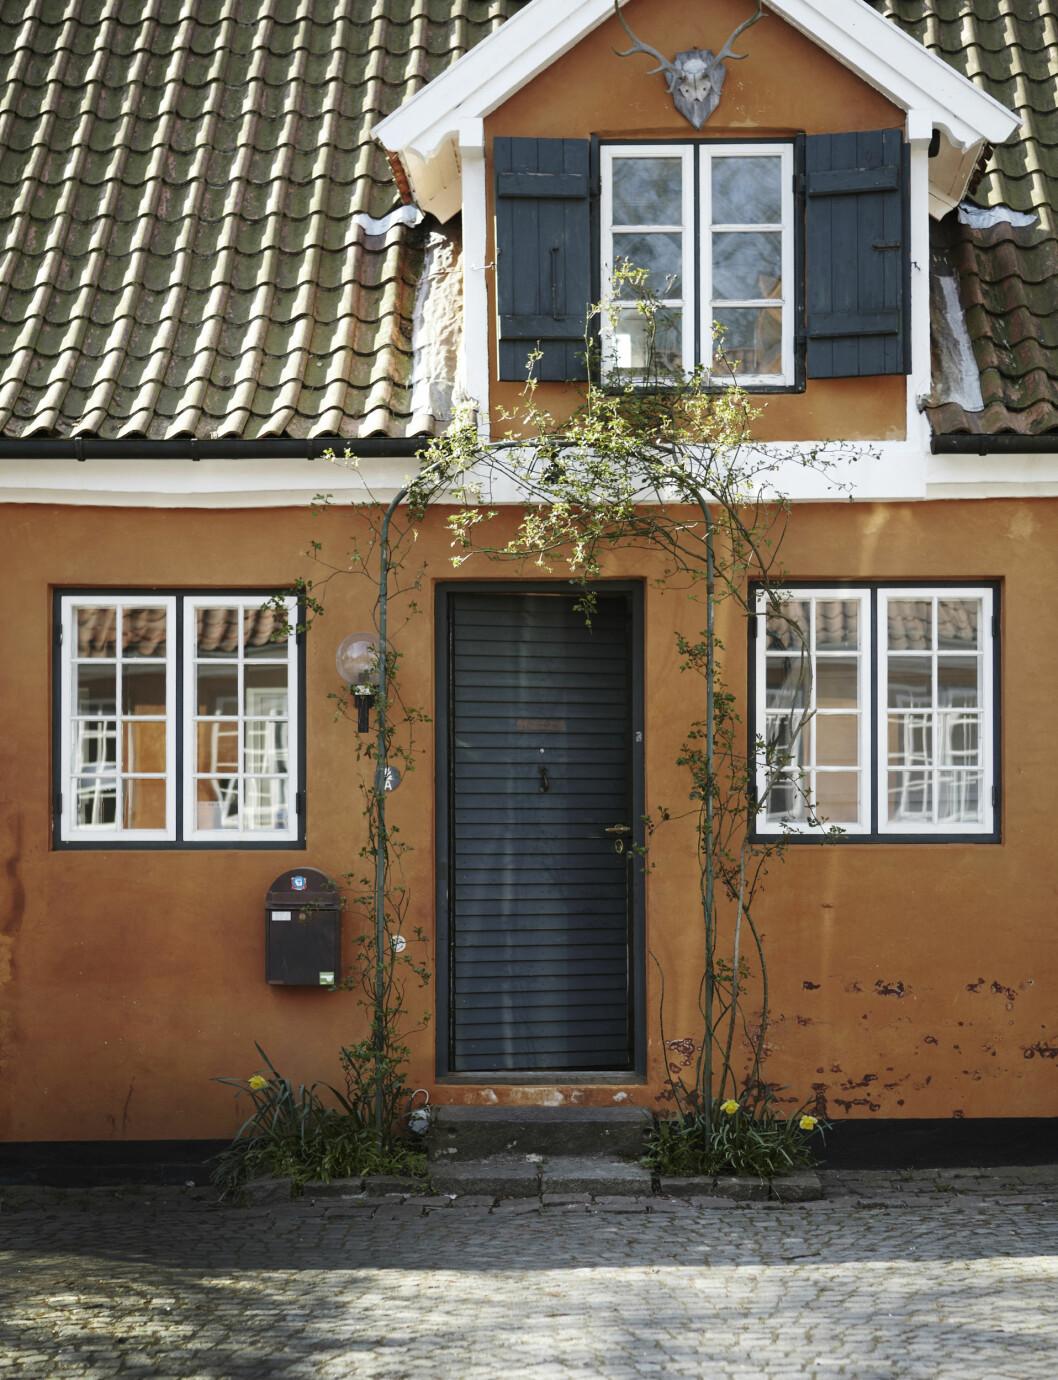 VAKRERE OG VAKRERE: Den sennepsgule murpussen har en slitt patina som bare blir vakrere med årene.   Foto: Kira Brandt/House of Pictures